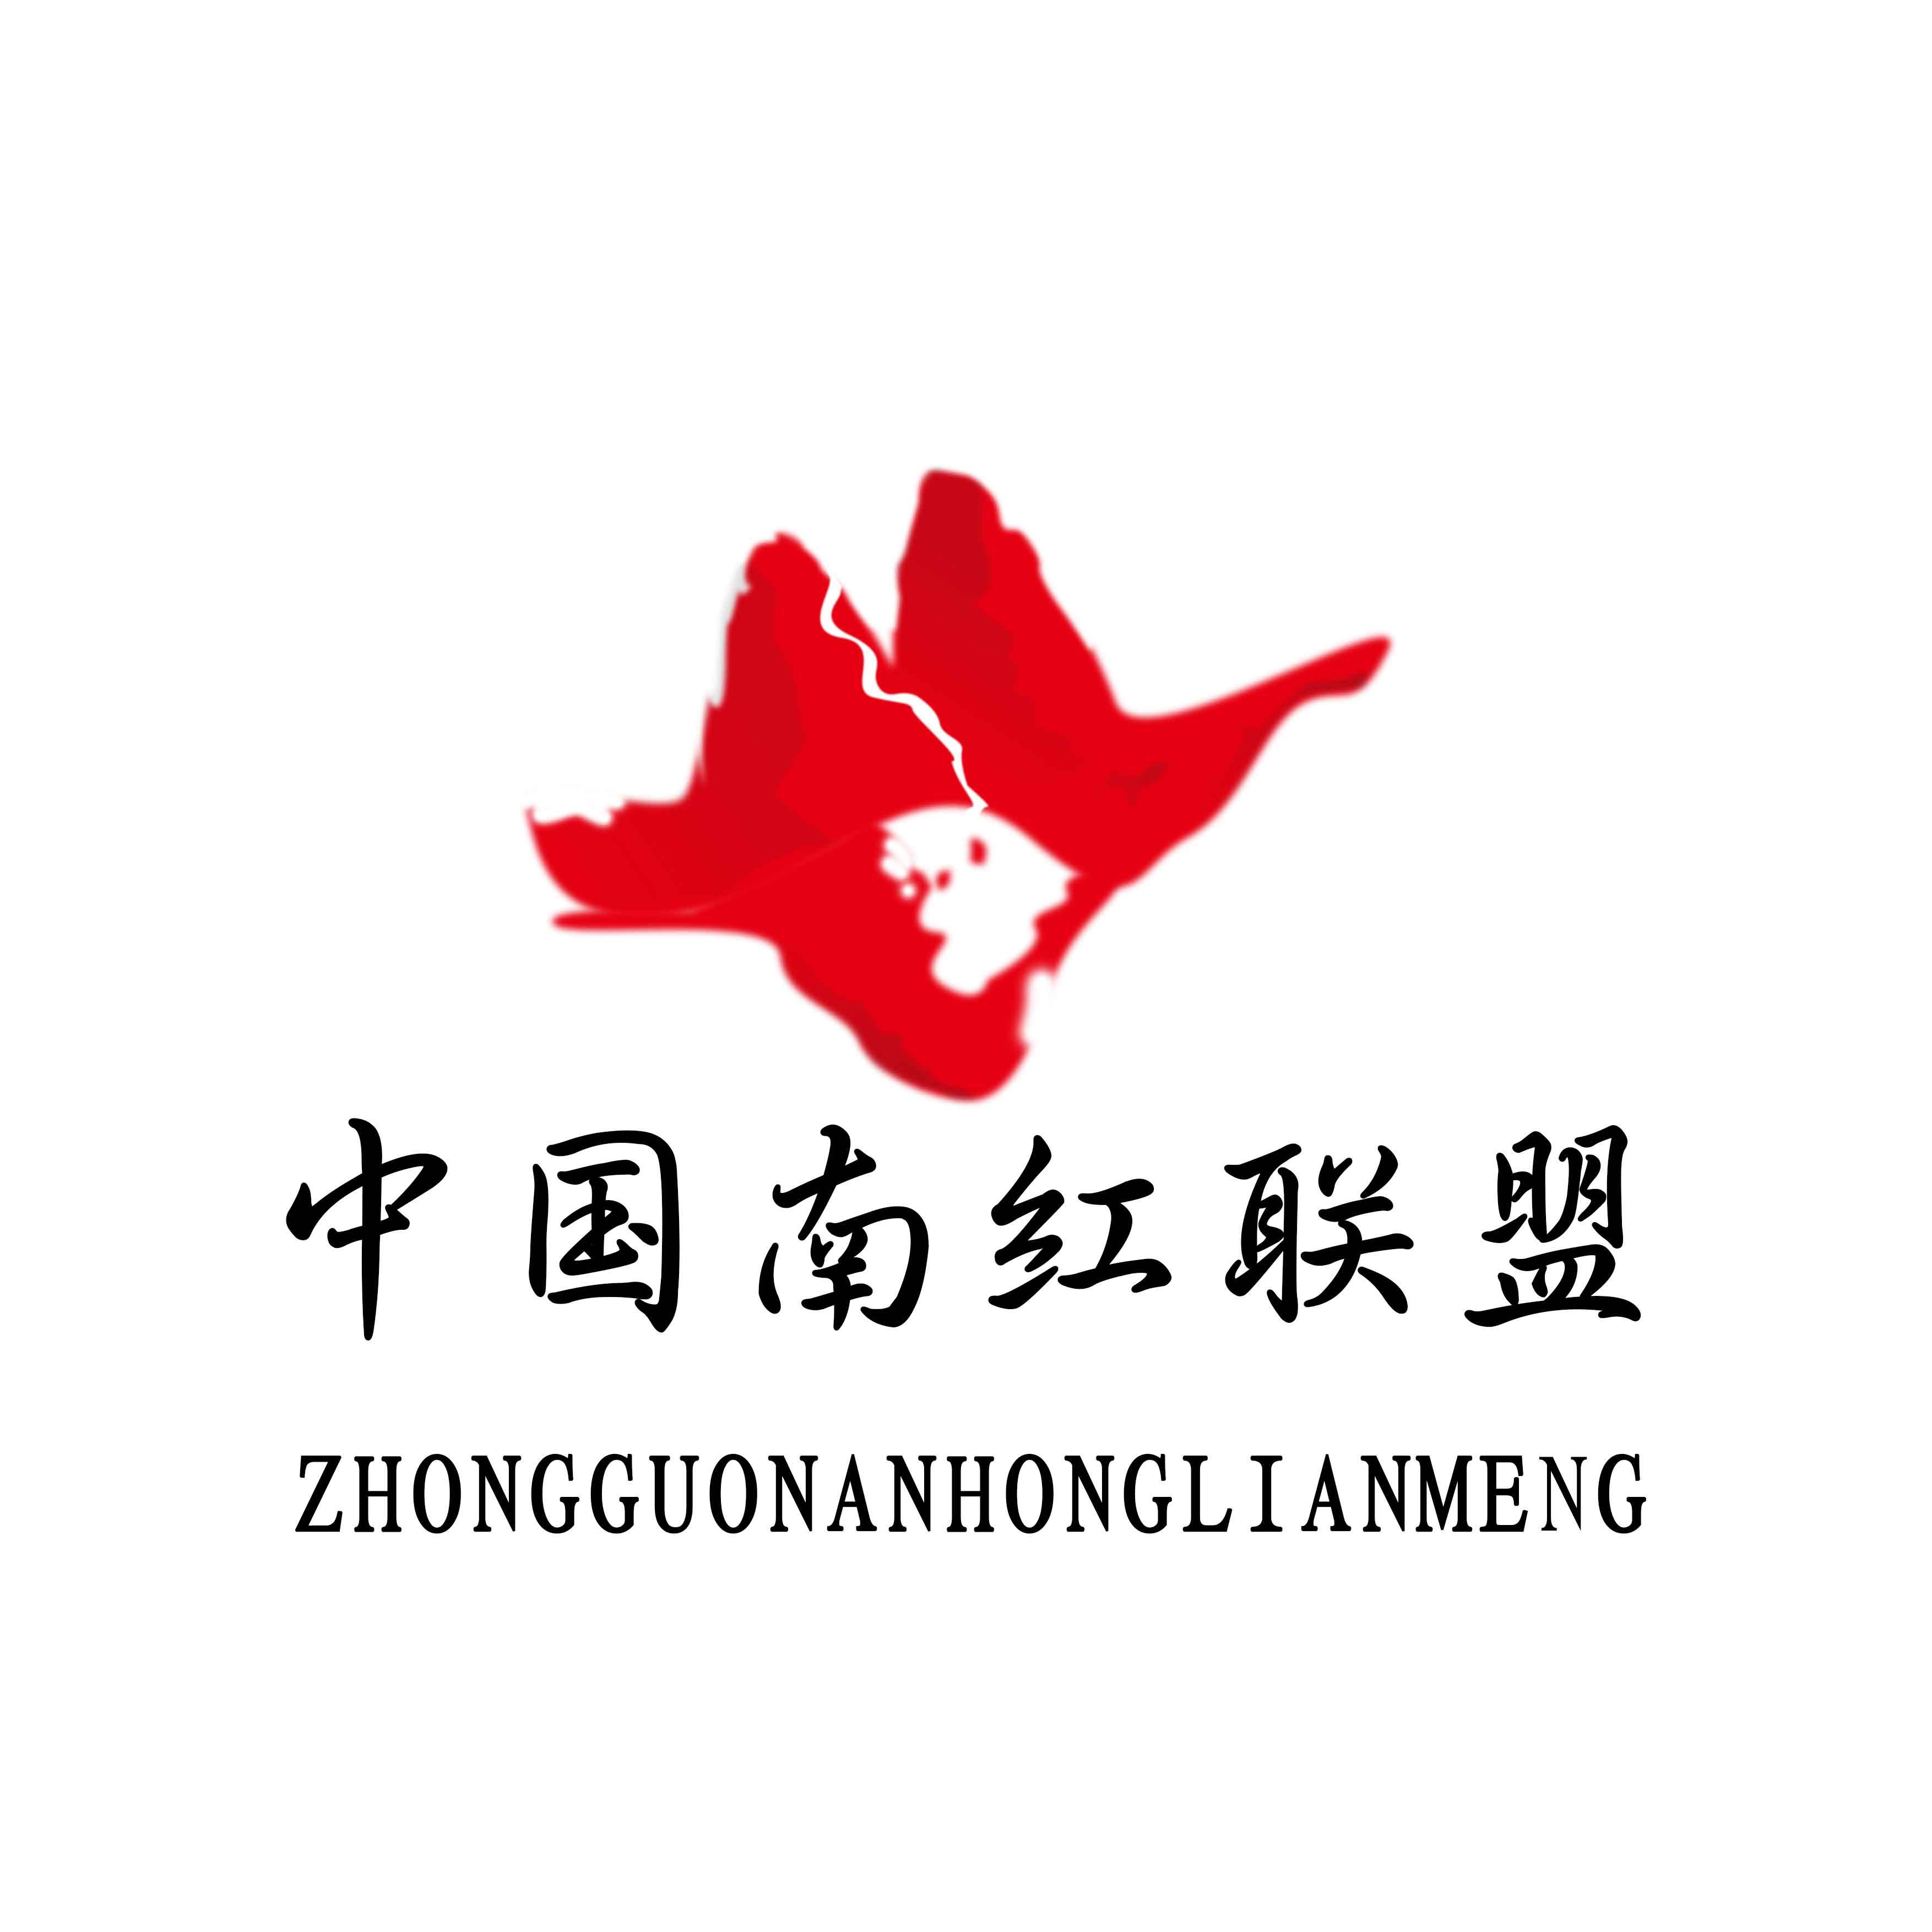 南红文化联盟